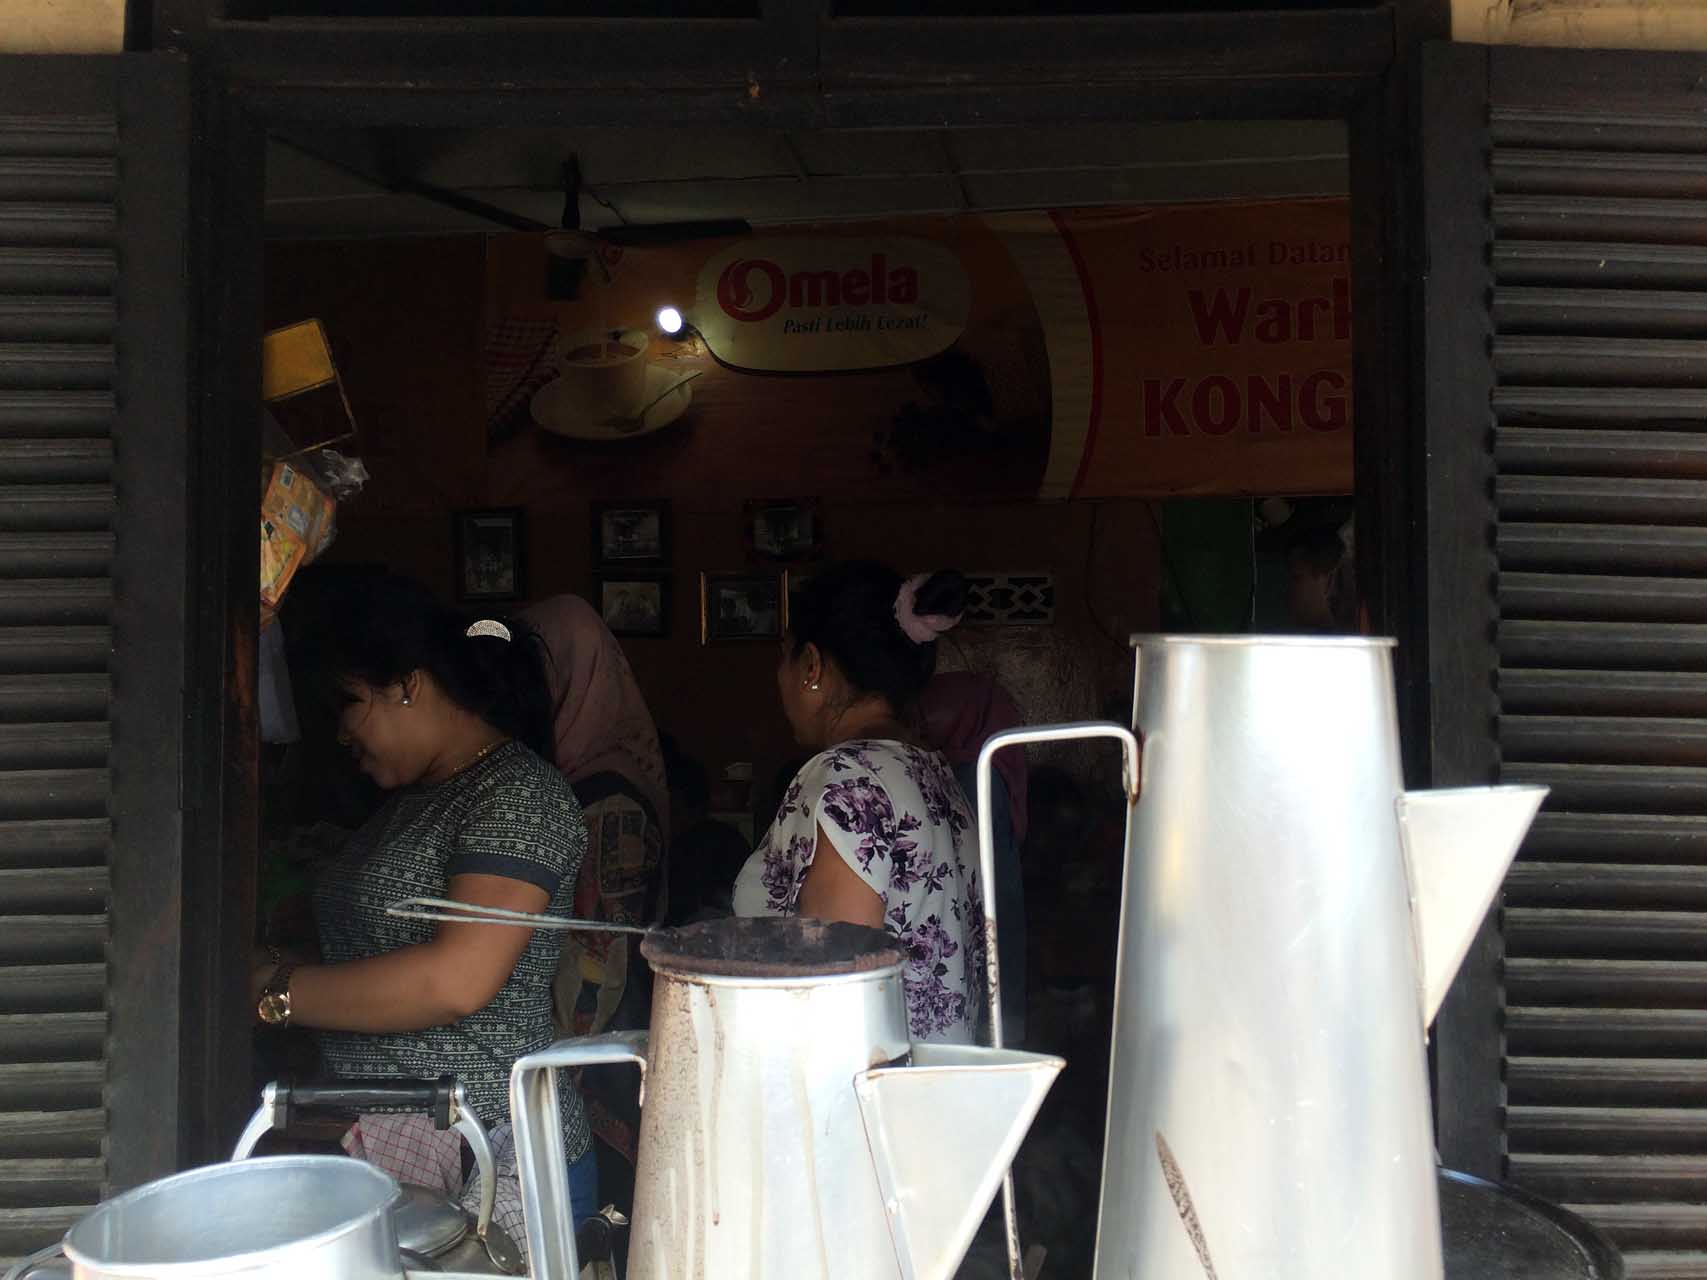 kong-djie-coffee-tanjung-pandan-belitung-yopie-pangkey-4